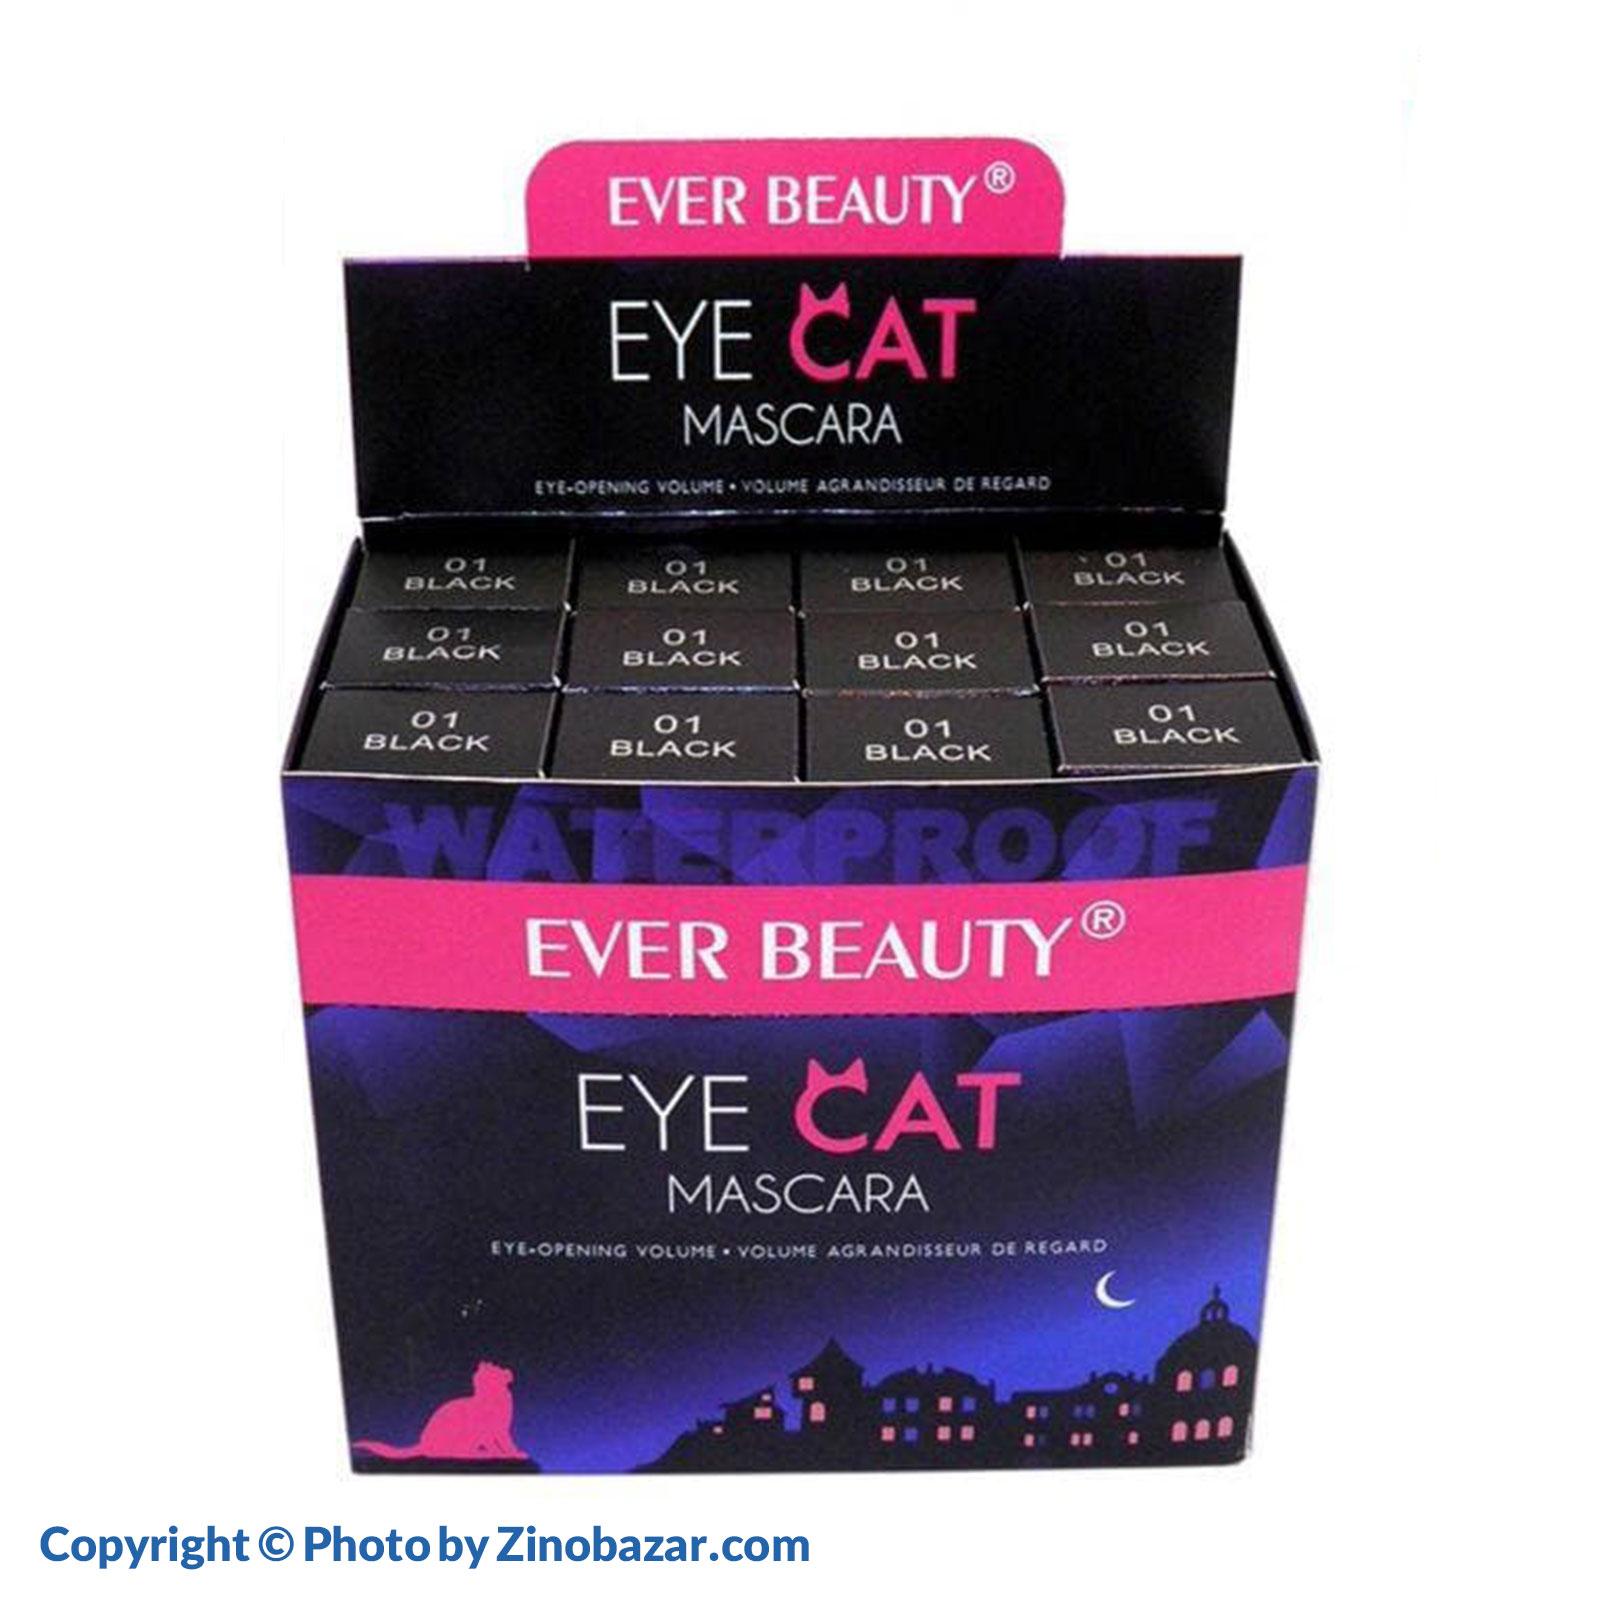 ریمل چشم گربه ای سیاه اور بیوتی - زینو بازار ZinoBazar